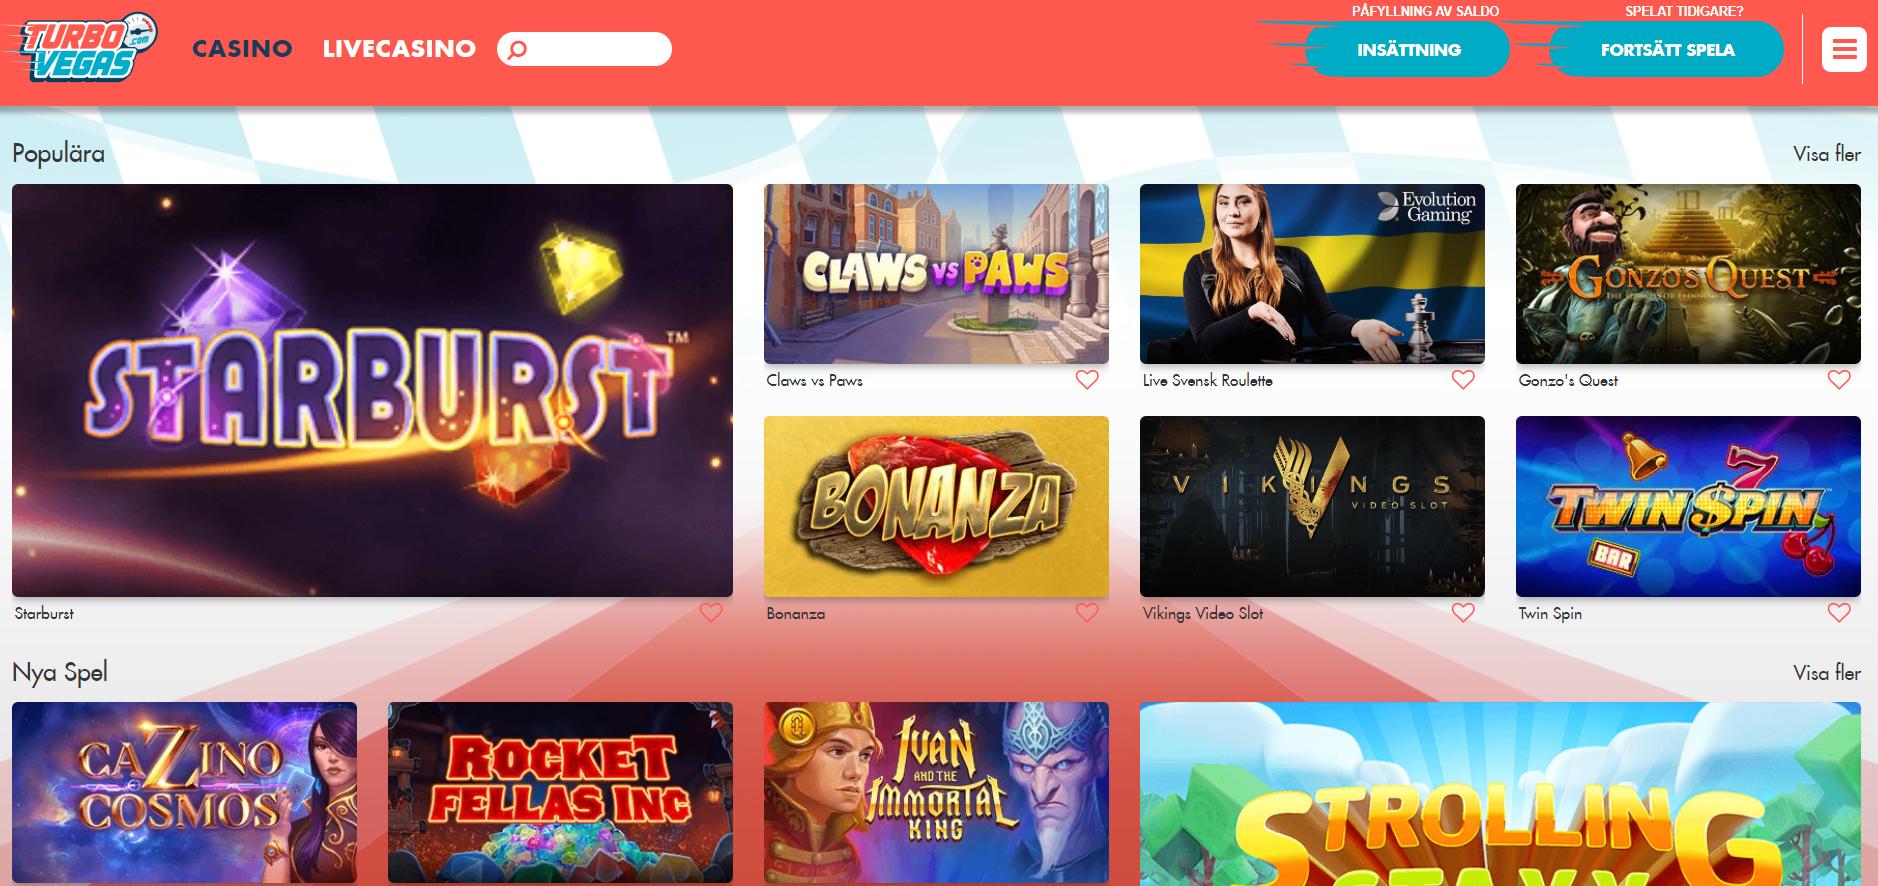 TurboVegas – ett nytt online casino med Turbo fart